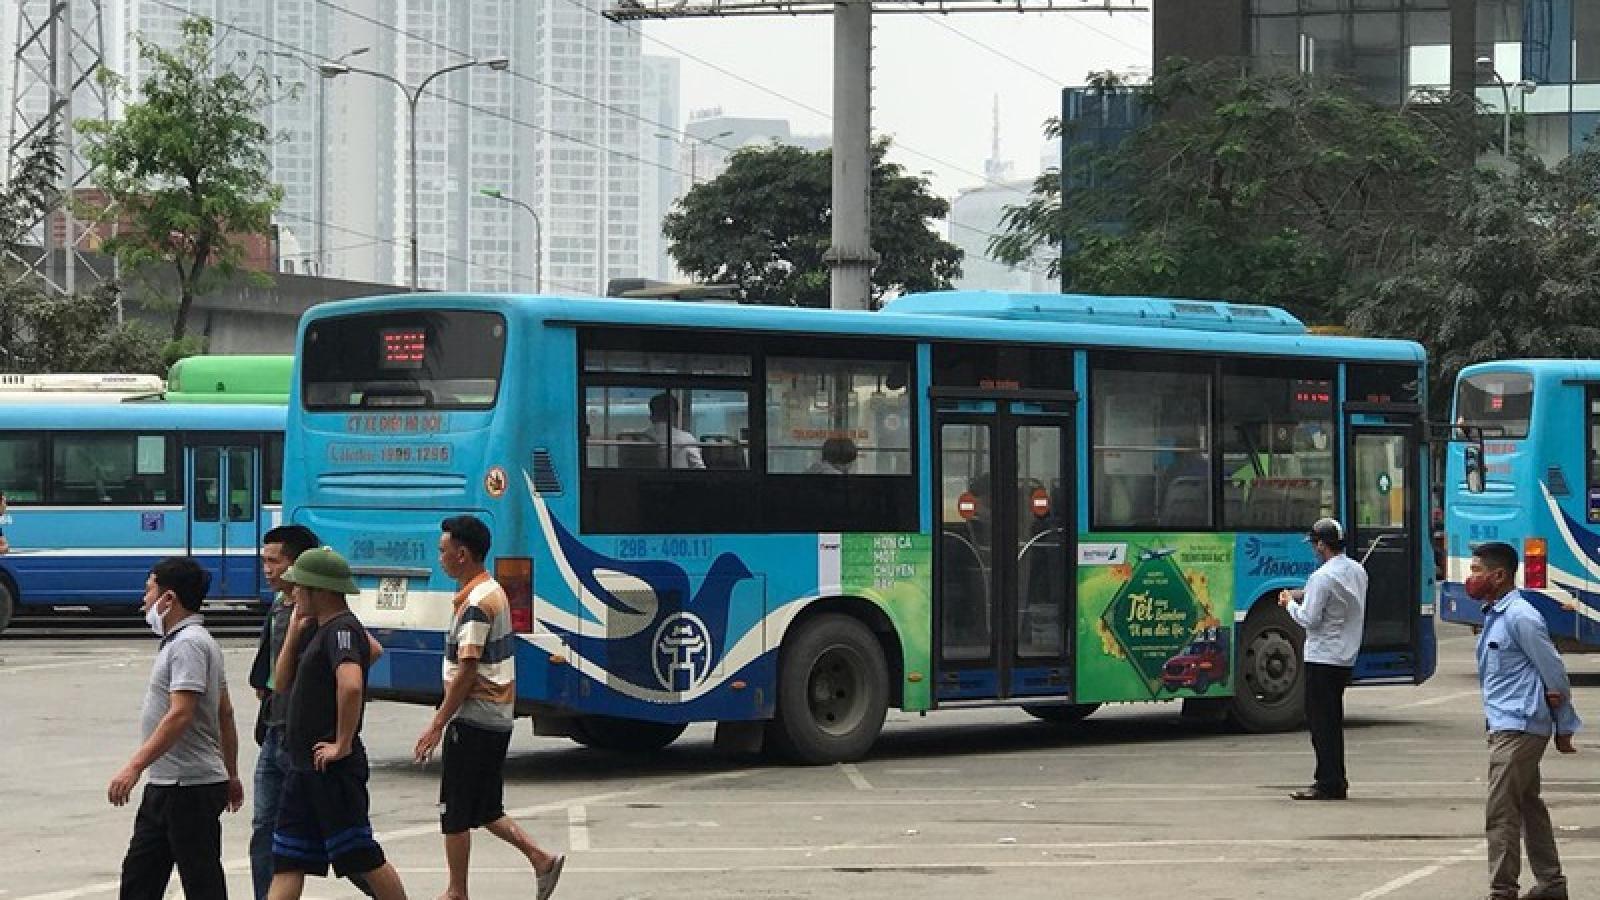 Ảnh: Xe buýt, xe khách liên tỉnh ở Hà Nội vẫn đìu hiu dù hết cách ly xã hội